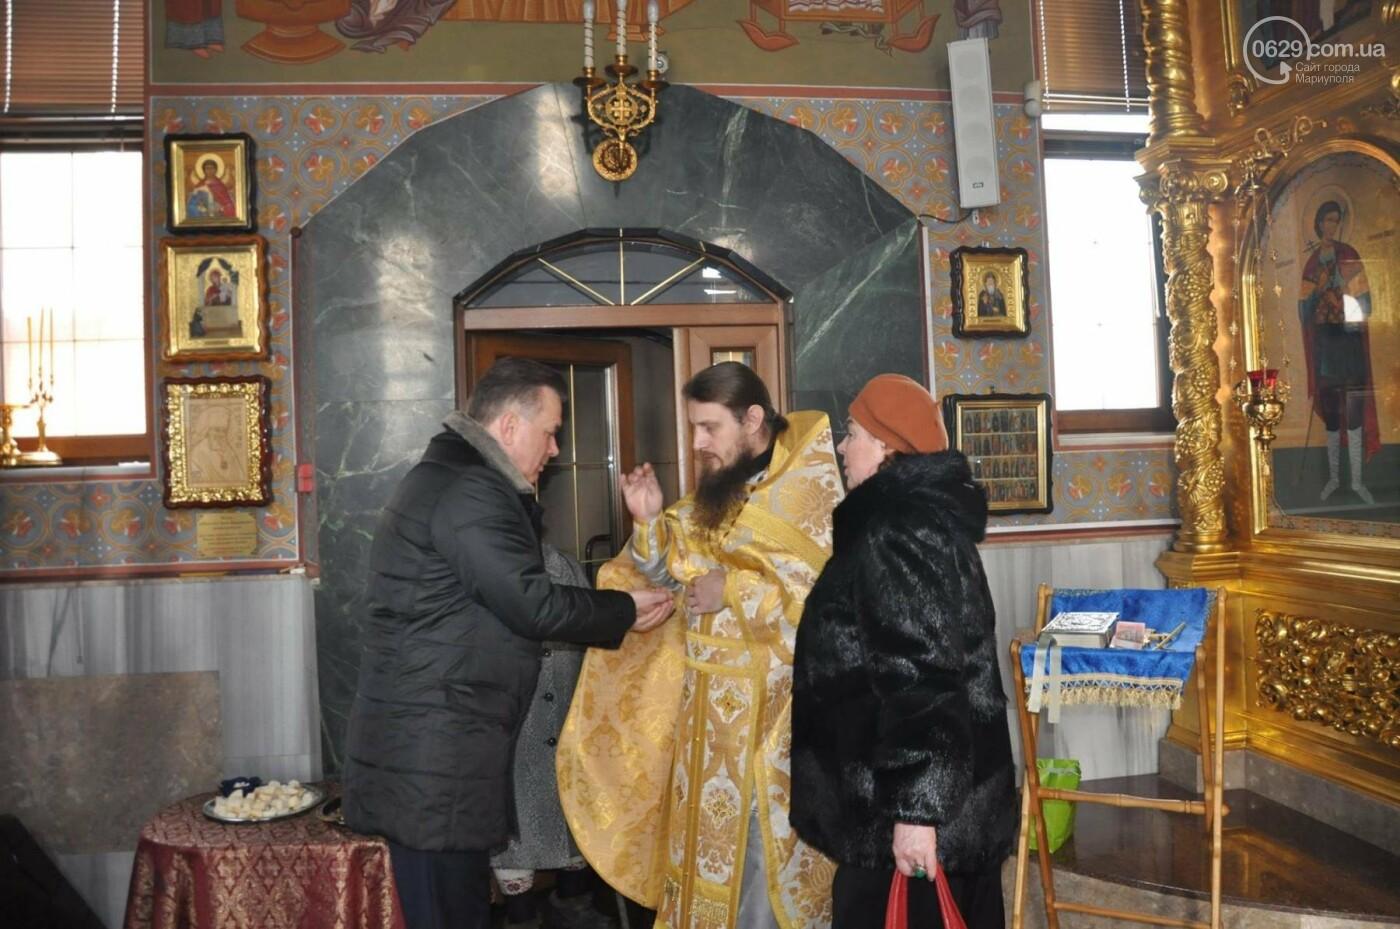 В селе Боевое испекли 17000 блинов и установили новый рекорд Украины, фото-6